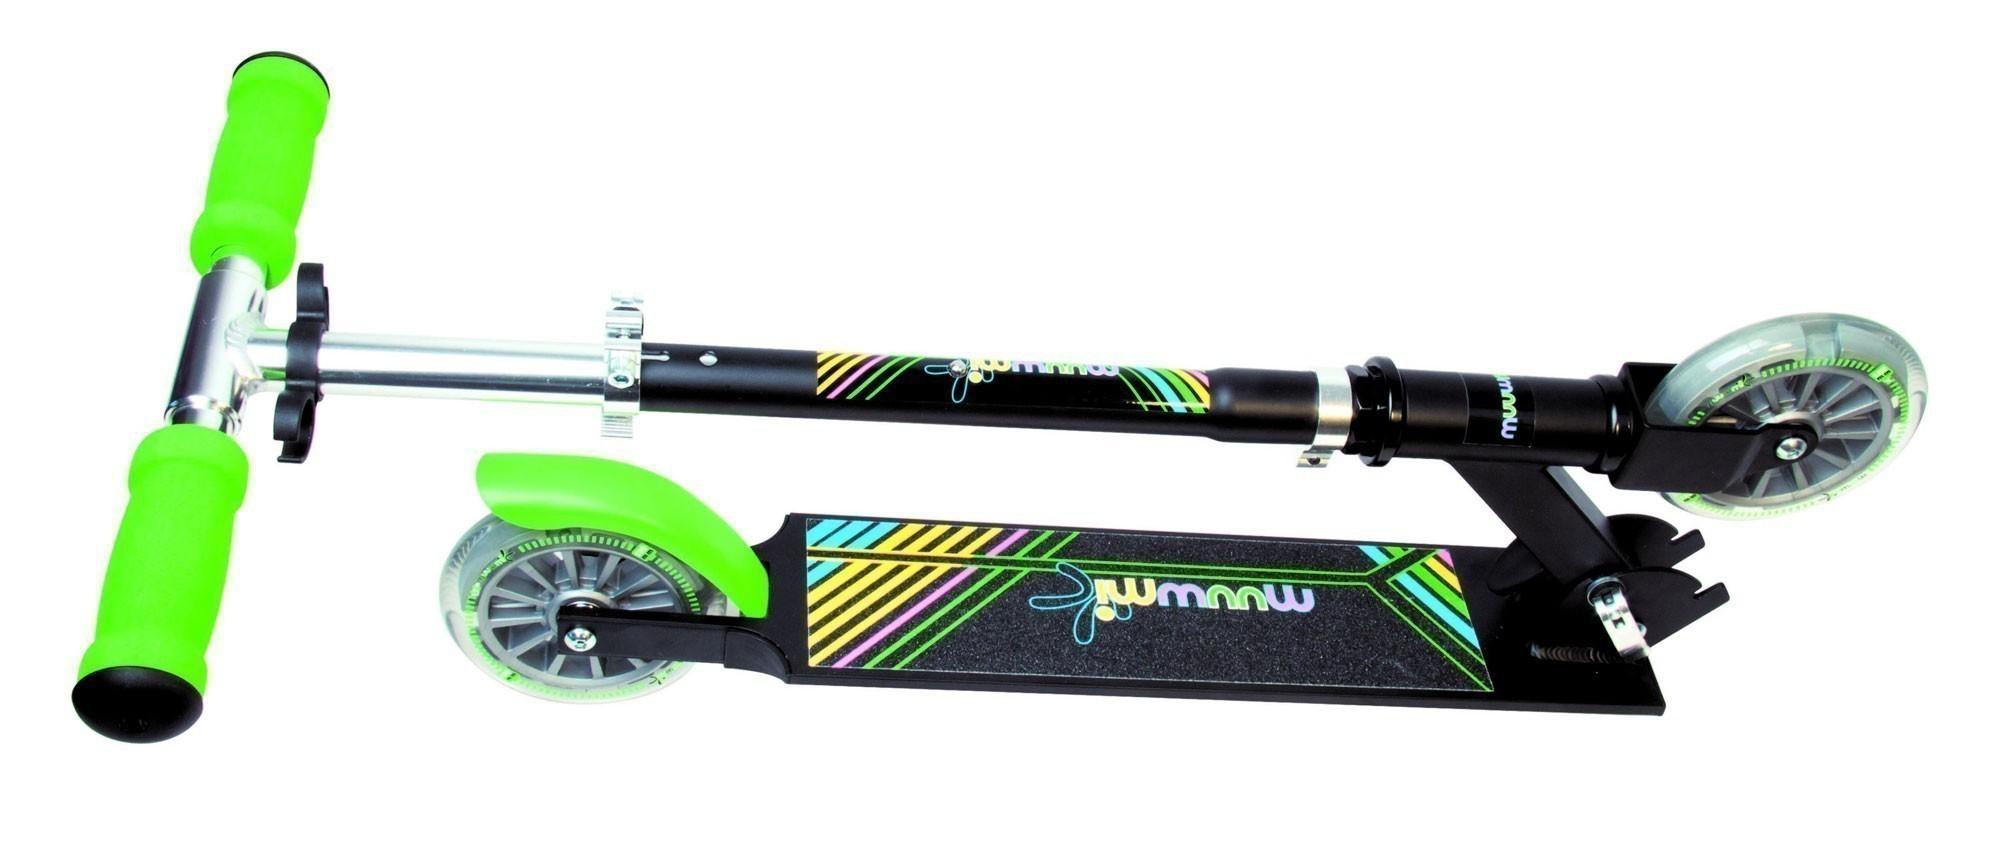 Alu Scooter / Cityroller Muuwmi 125 Neon grün schwarz Bild 3